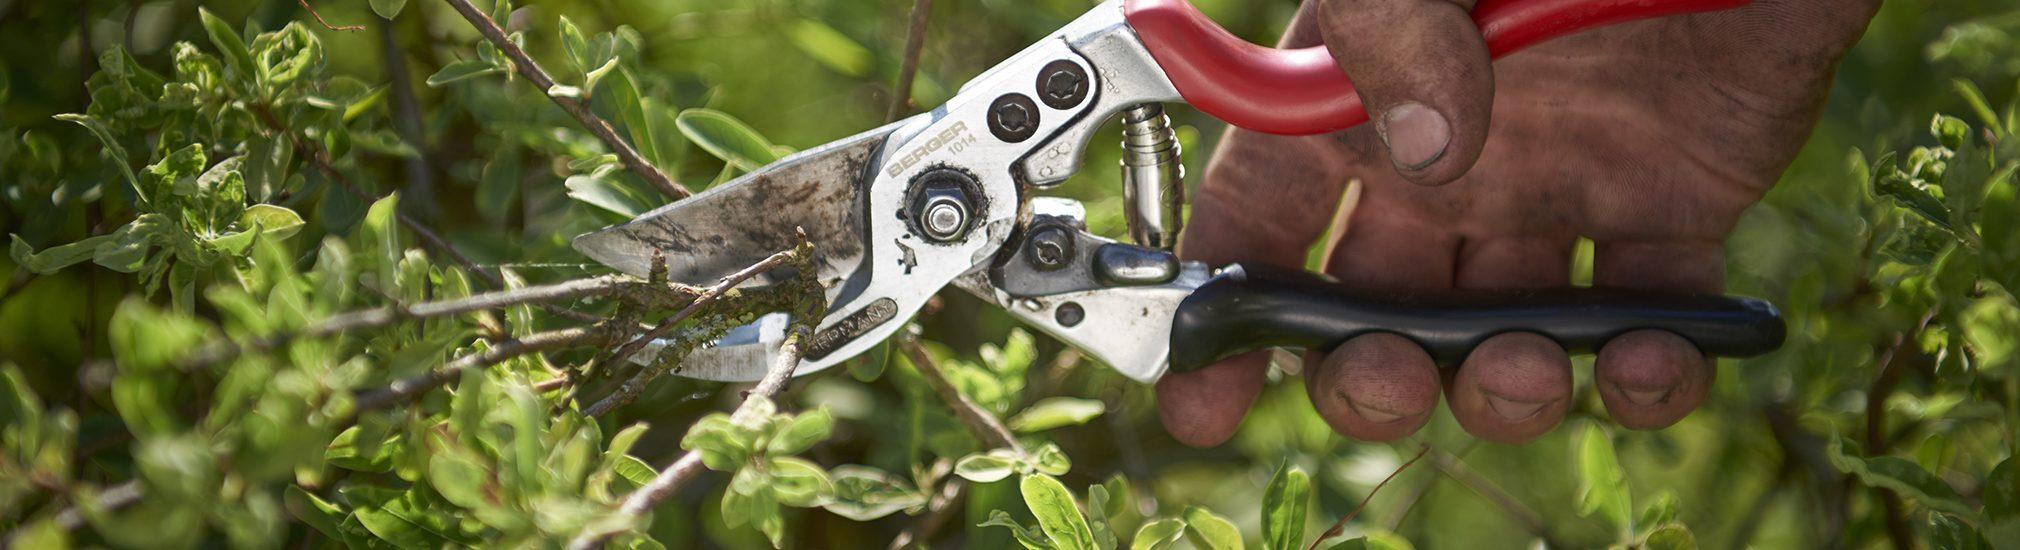 Amstutz Gartenbau AG, Gartenbau, Gartenunterhalt, Pflanzen schneiden